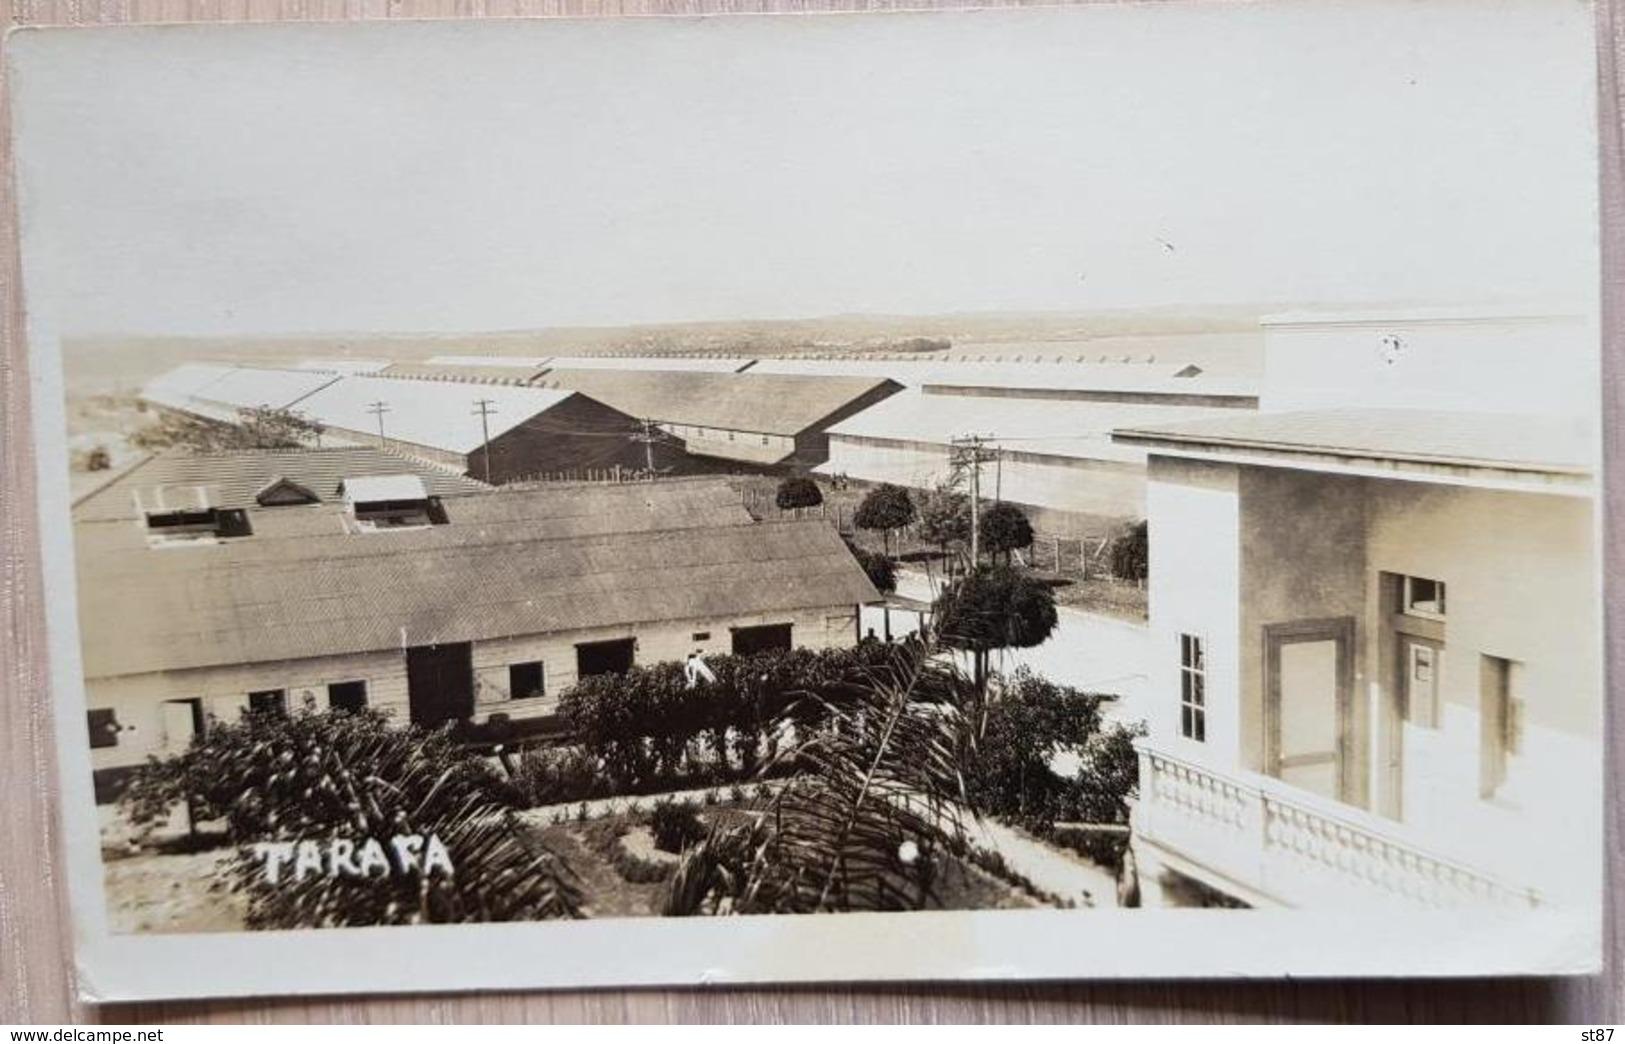 Cuba Denmark 1923 Tarafa - Postcards